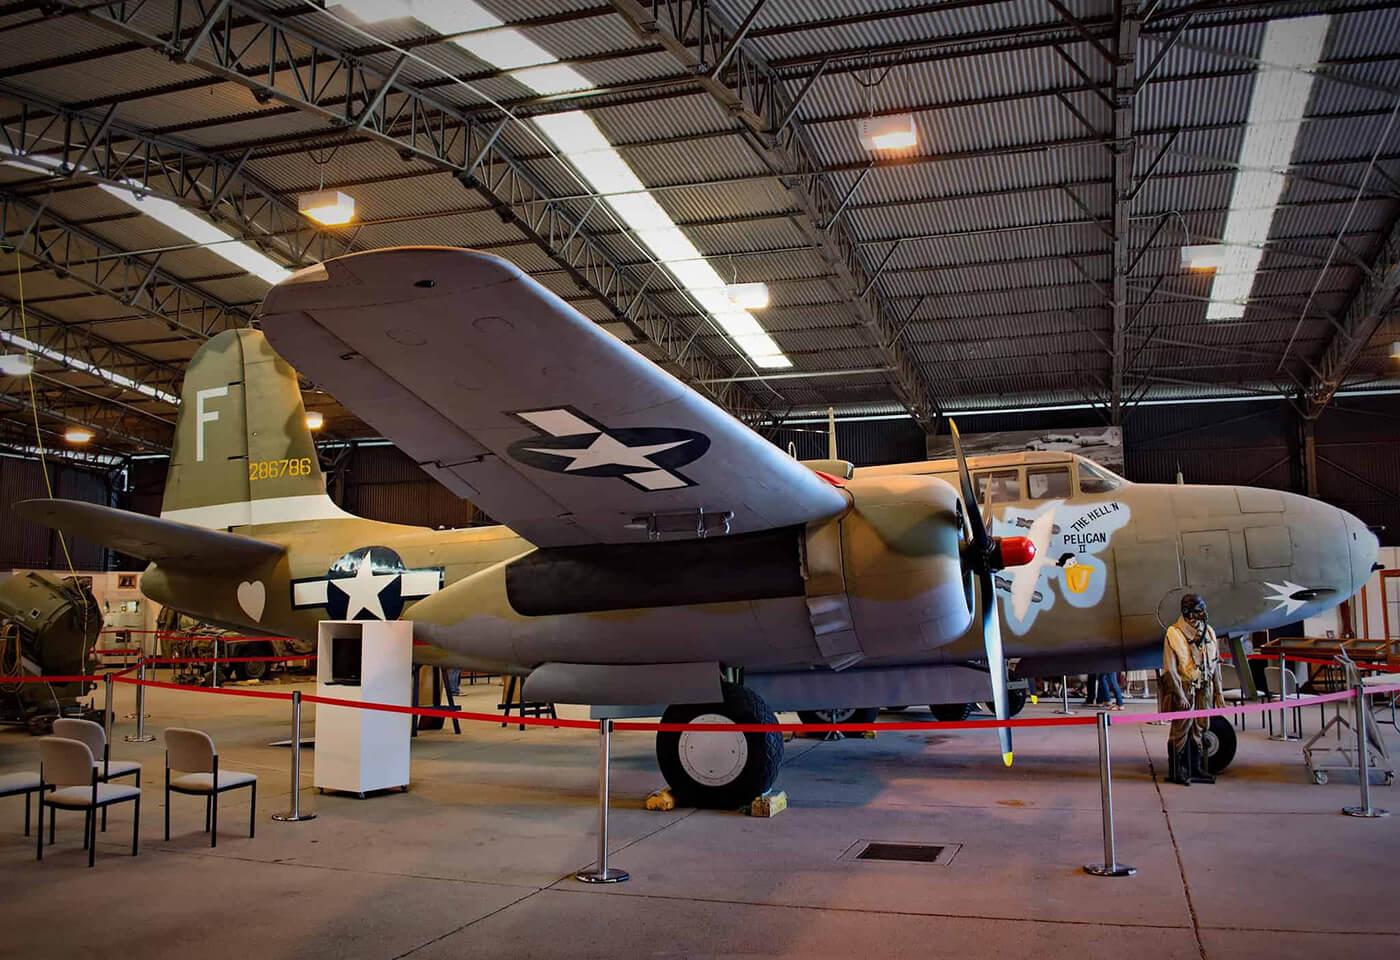 hangars at the RAAF base at Amberley